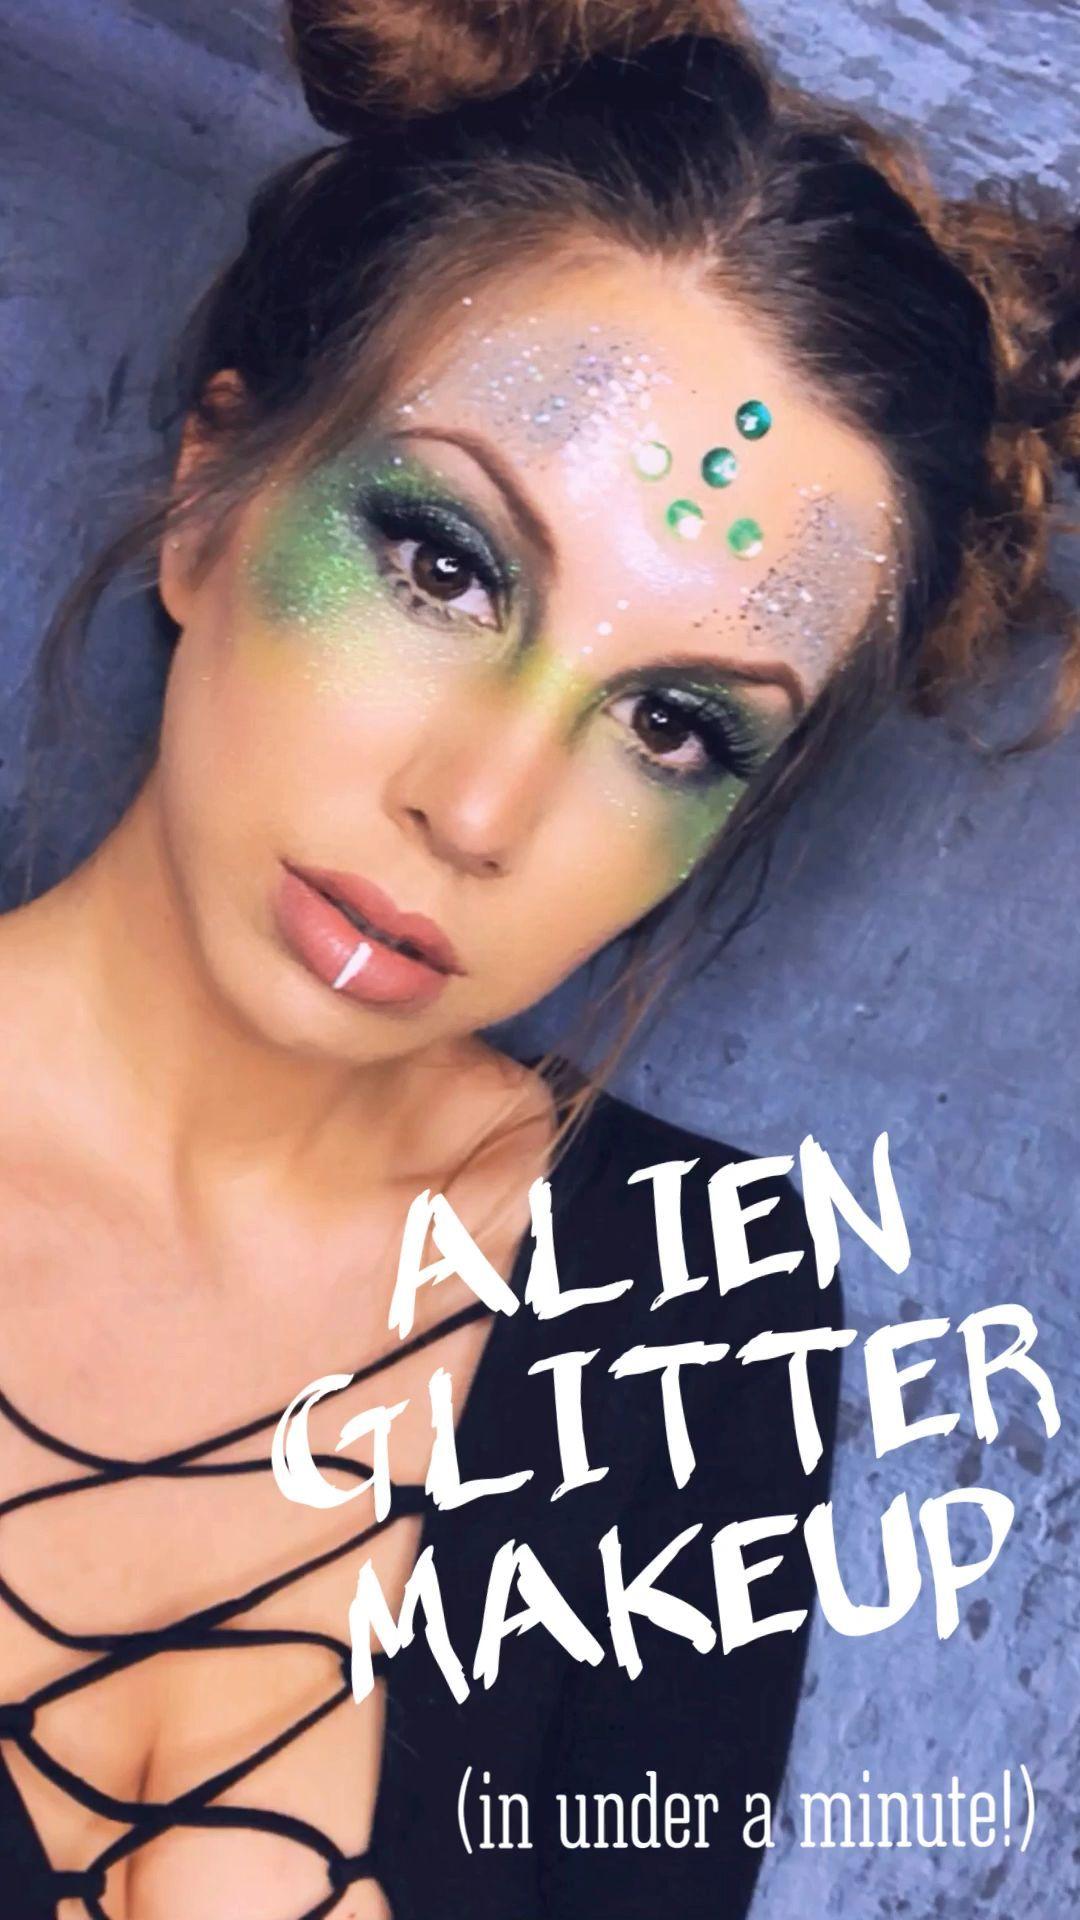 Alien Glitter Makeup Alien makeup, Alien halloween